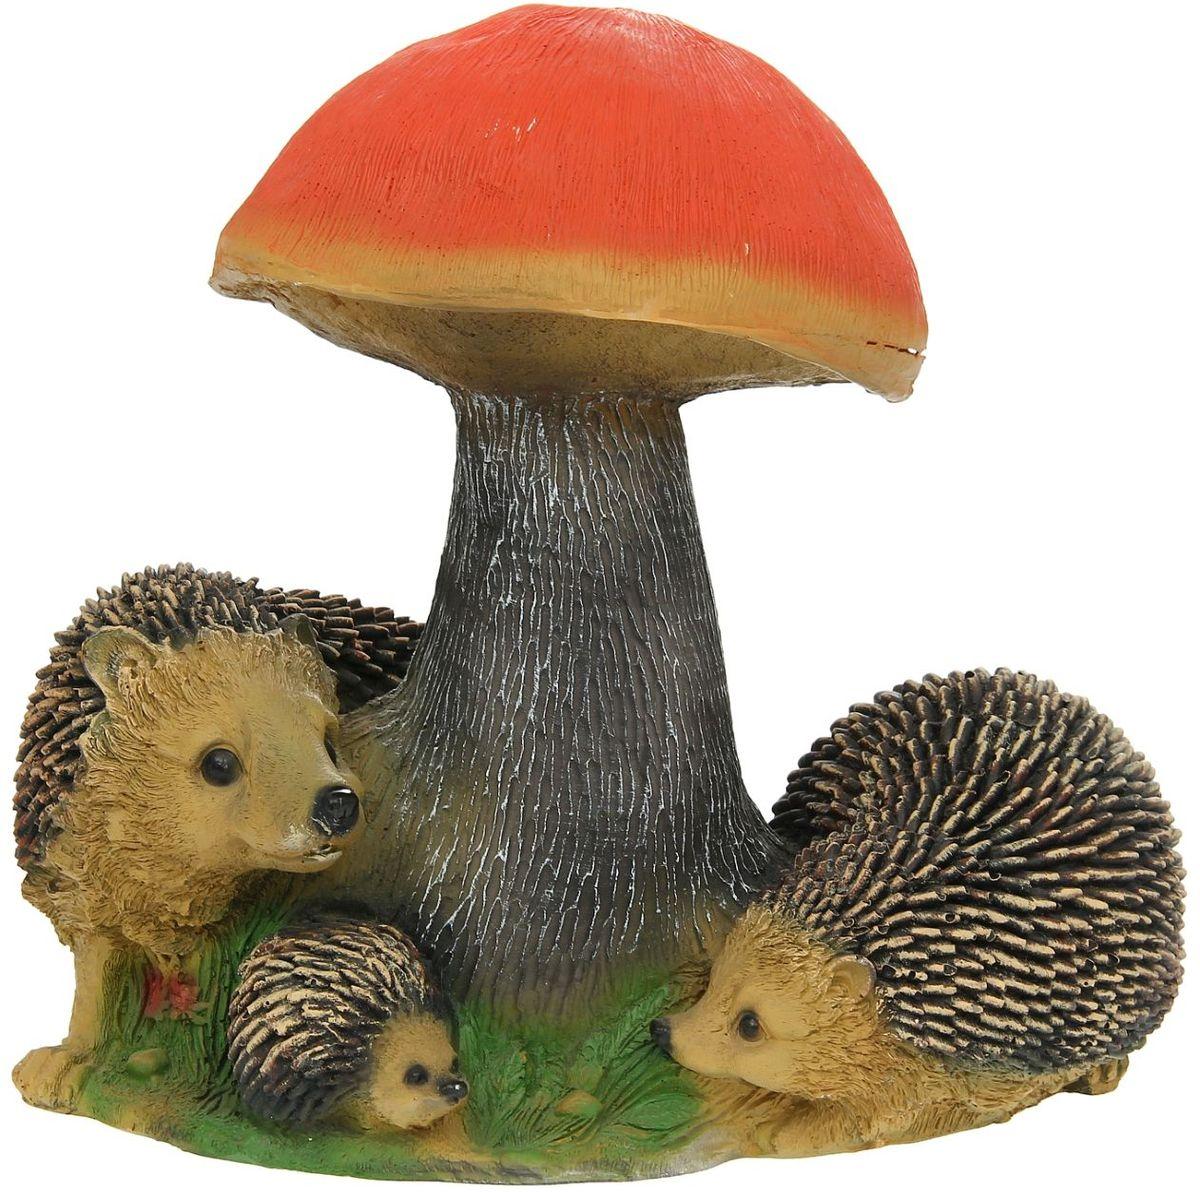 Фигура садовая Гриб подосиновик с ежами, 27 х 37 х 37 см1134656Очаровательные фигурки грибов украсят сад. Расположите грибочек под деревом или в траве и приятно удивите прогуливающихся в саду гостей. Симпатичная фигурка станет прекрасным подарком заядлому садоводу. Такой декор будет гармонично смотреться в огородах и на участках с обилием зелени. Дополните пространство сада интересной деталью? Садовая фигура из полистоуна (искусственного камня) — оптимальное решение для уличных условий. Этот материал не выцветает на солнце, даже если находится под воздействием ультрафиолета круглый год. Искусственный камень имеет очень низкую пористость, поэтому на нём не появятся трещины? Садовая фигура Гриб подосиновик с ежами будет хранить красоту сада долгие годы.